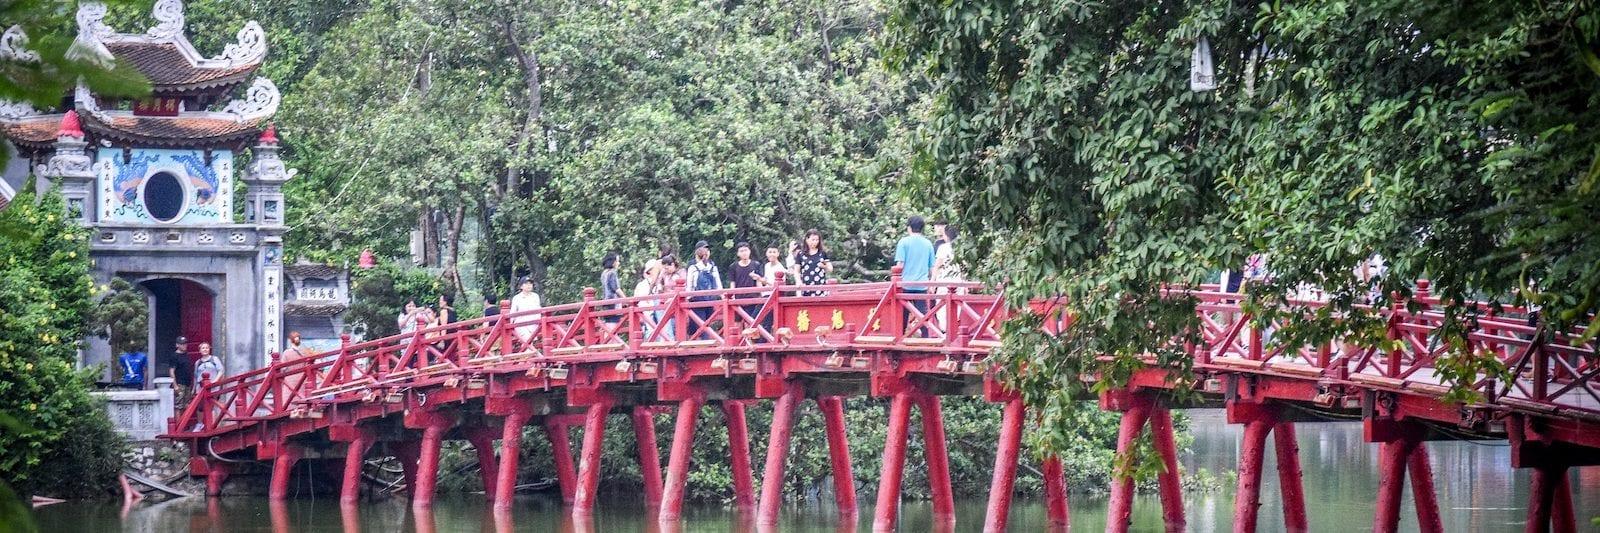 Welcoming morning sunlight Huc Bridge in September -Hanoi